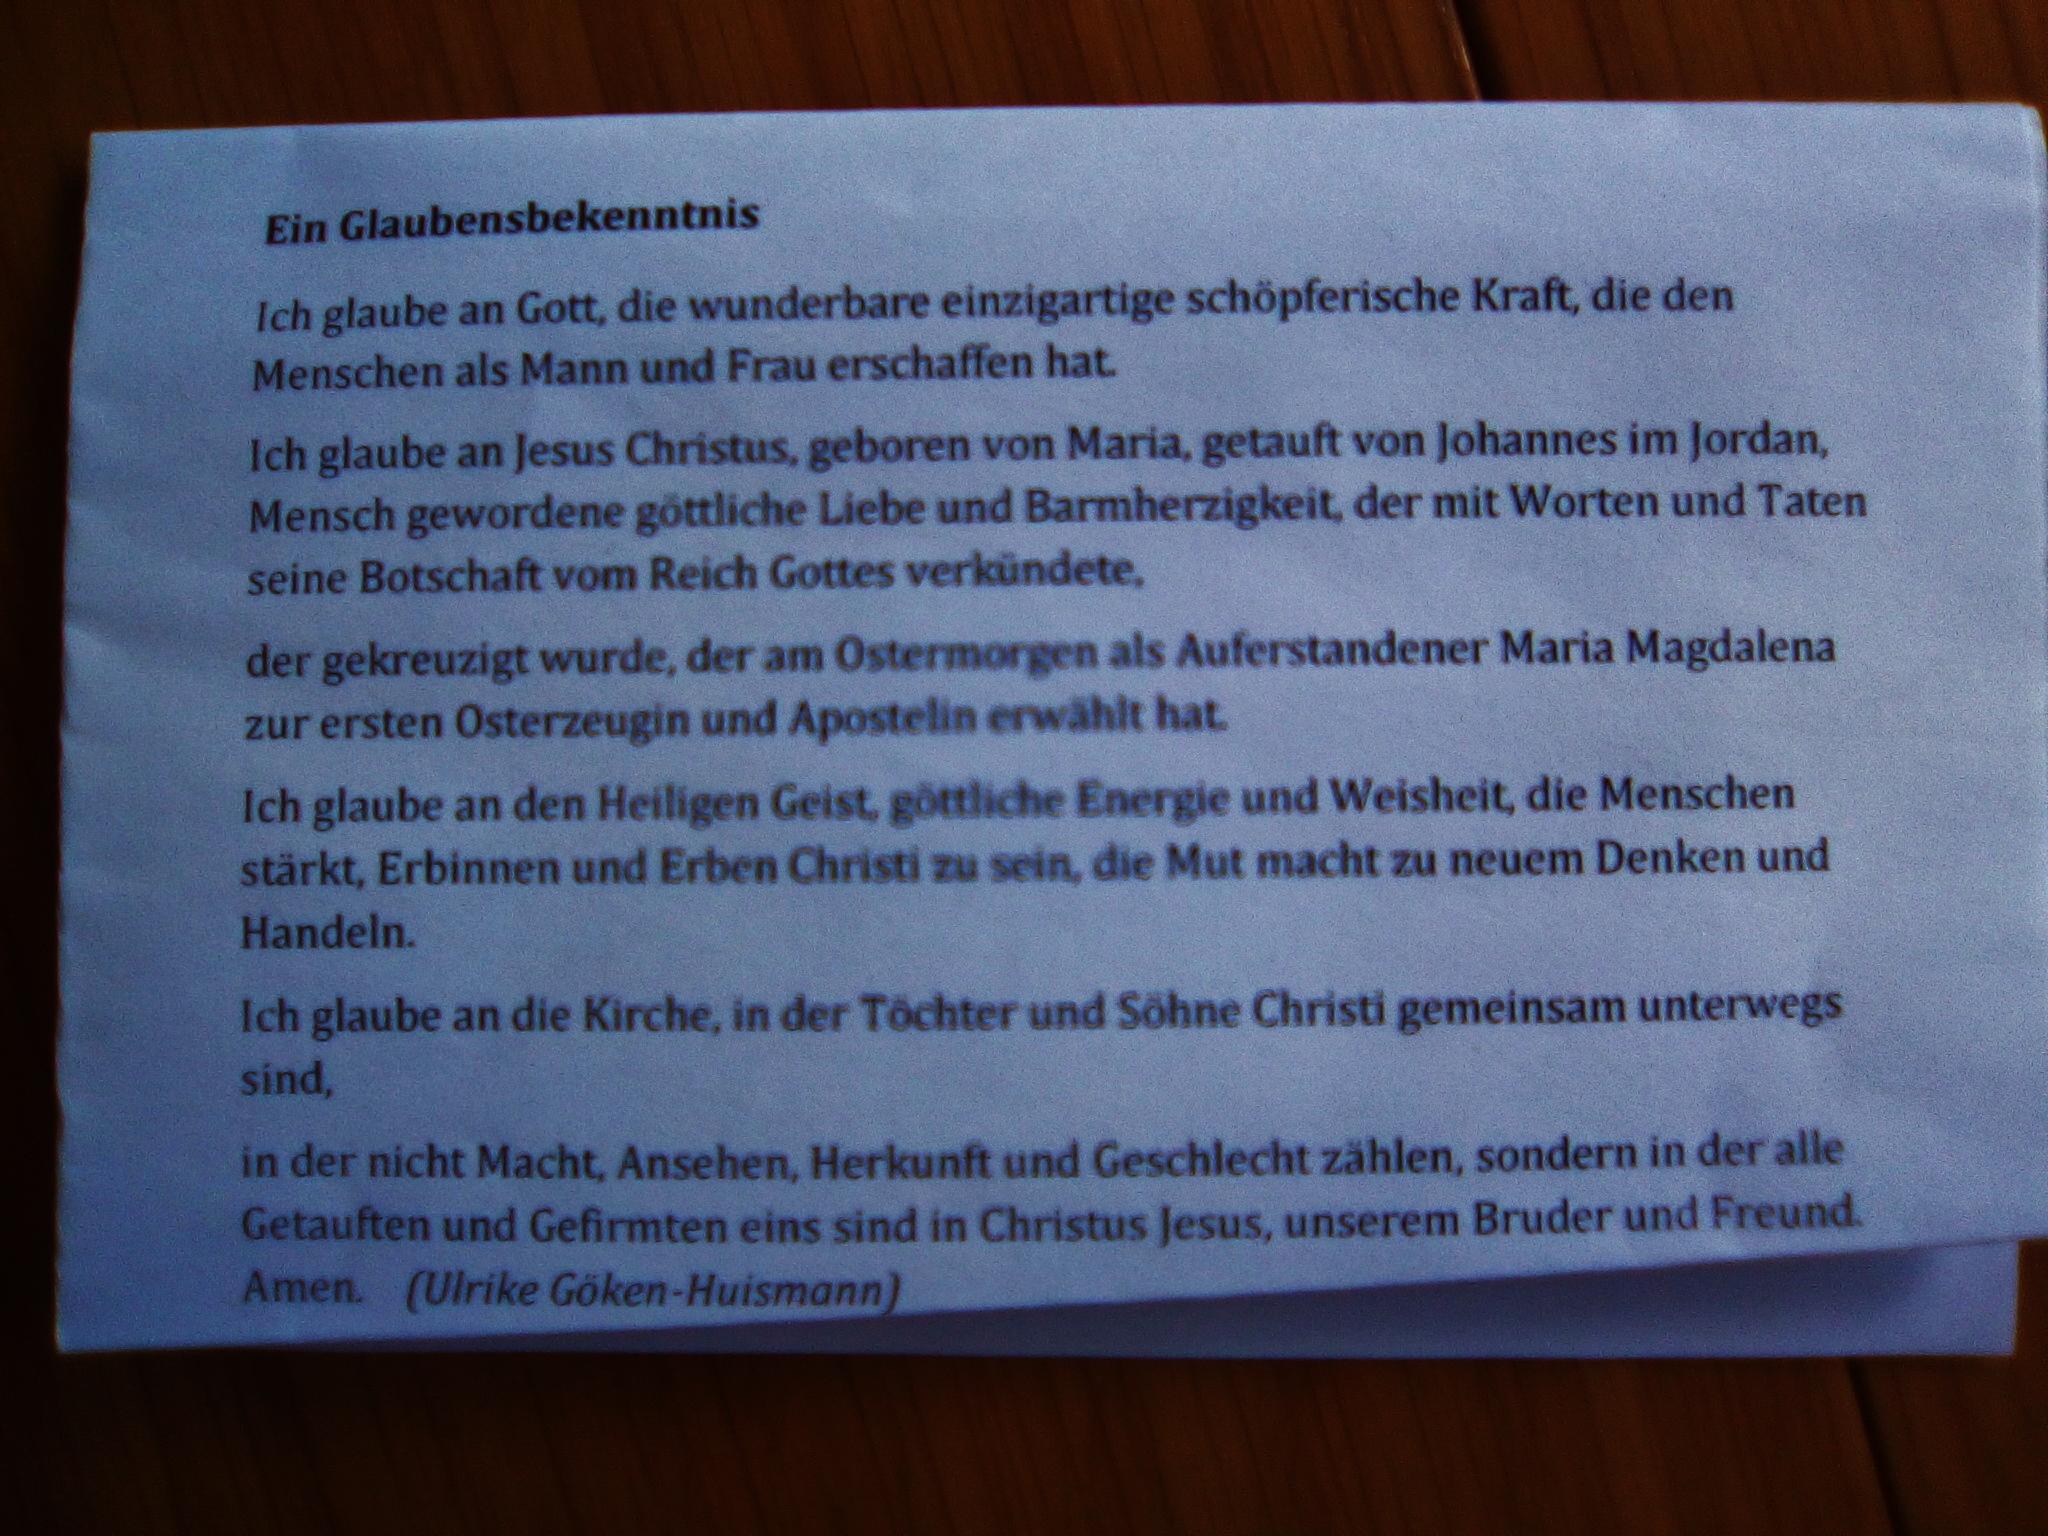 Texte Zu Advent Und Weihnachten Kfd Bezirksverband Elspe